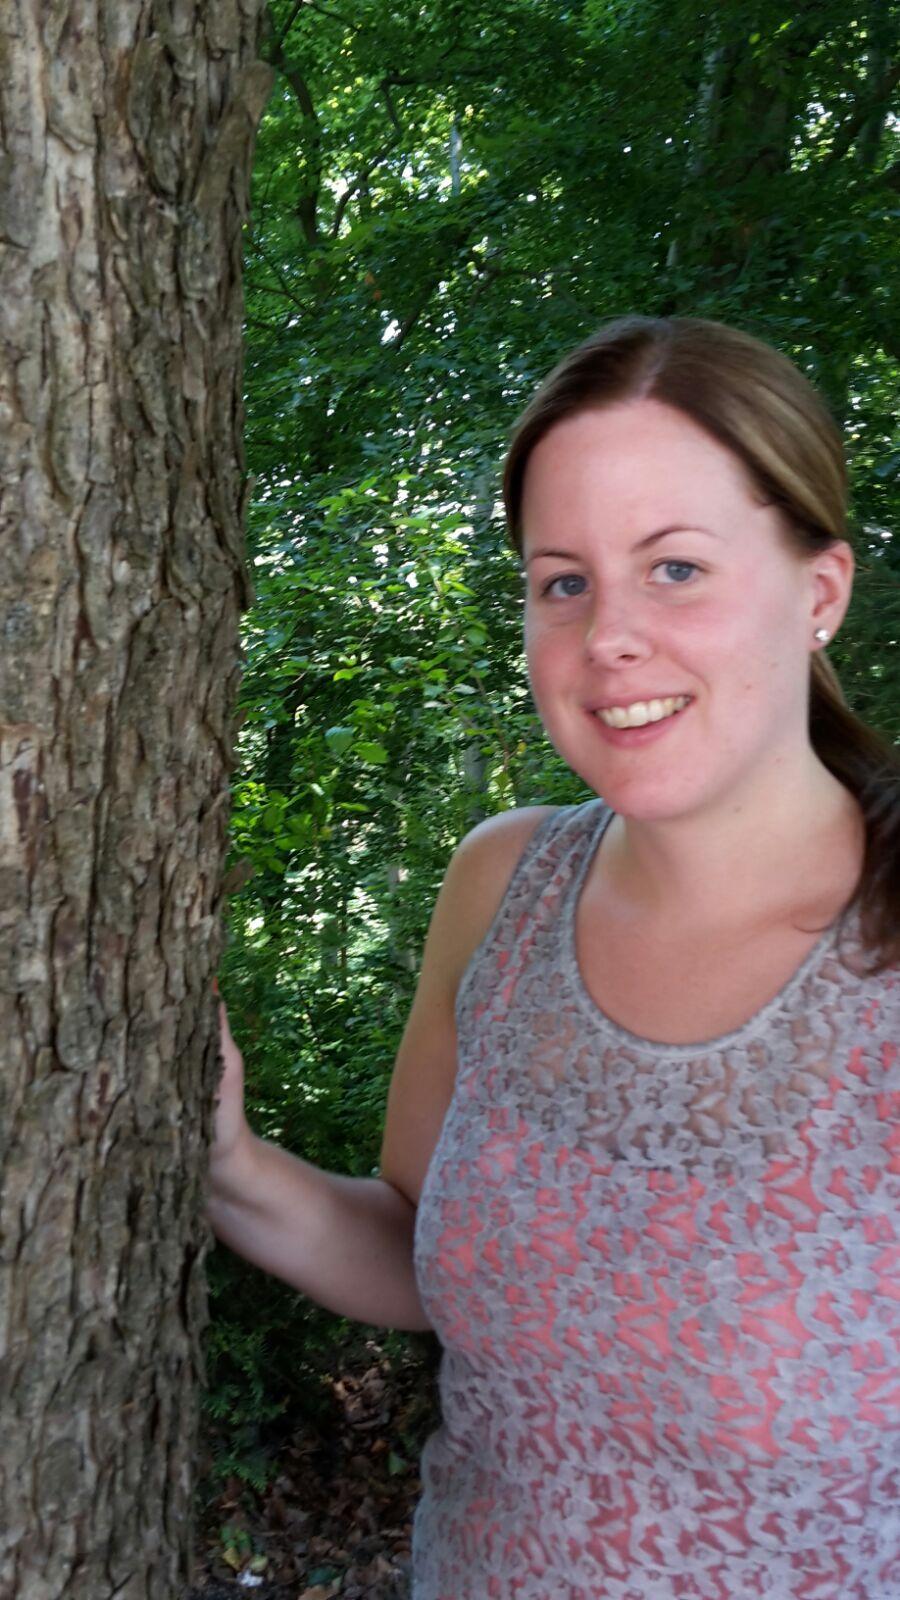 Melanie Meyknecht